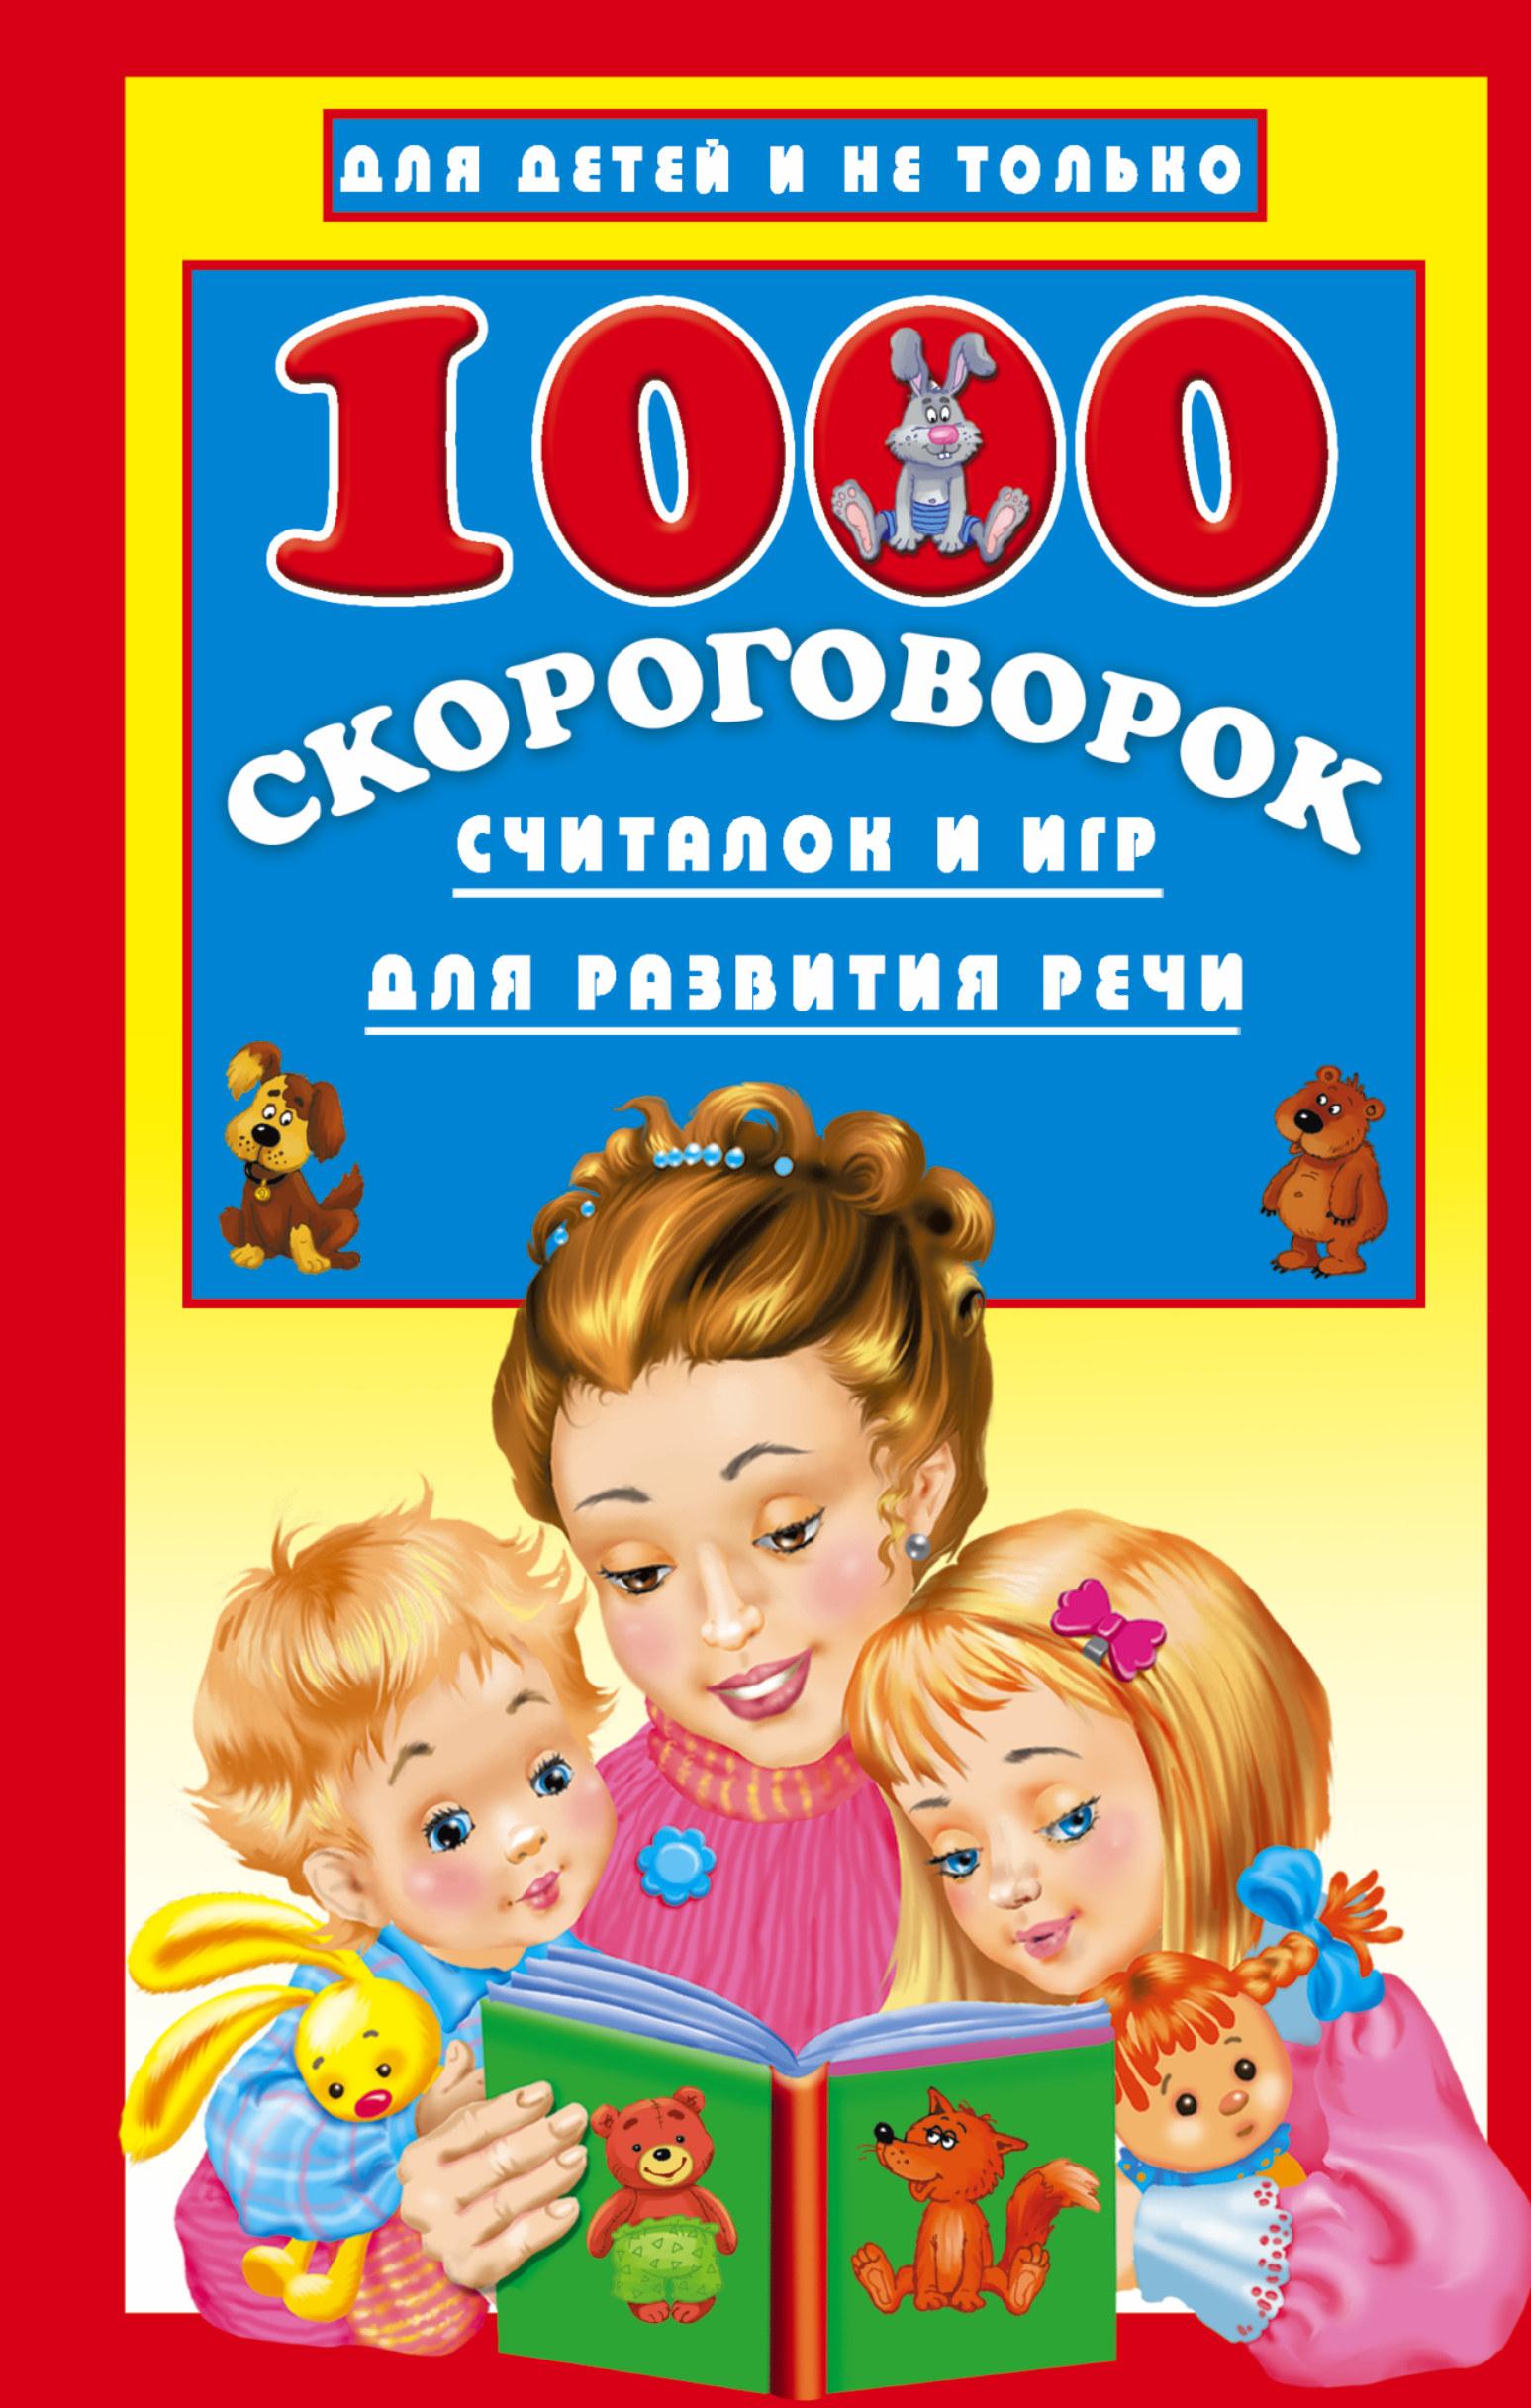 1000 скороговорок, считалок и игр для развития речи ( Дмитриева В.Г.  )